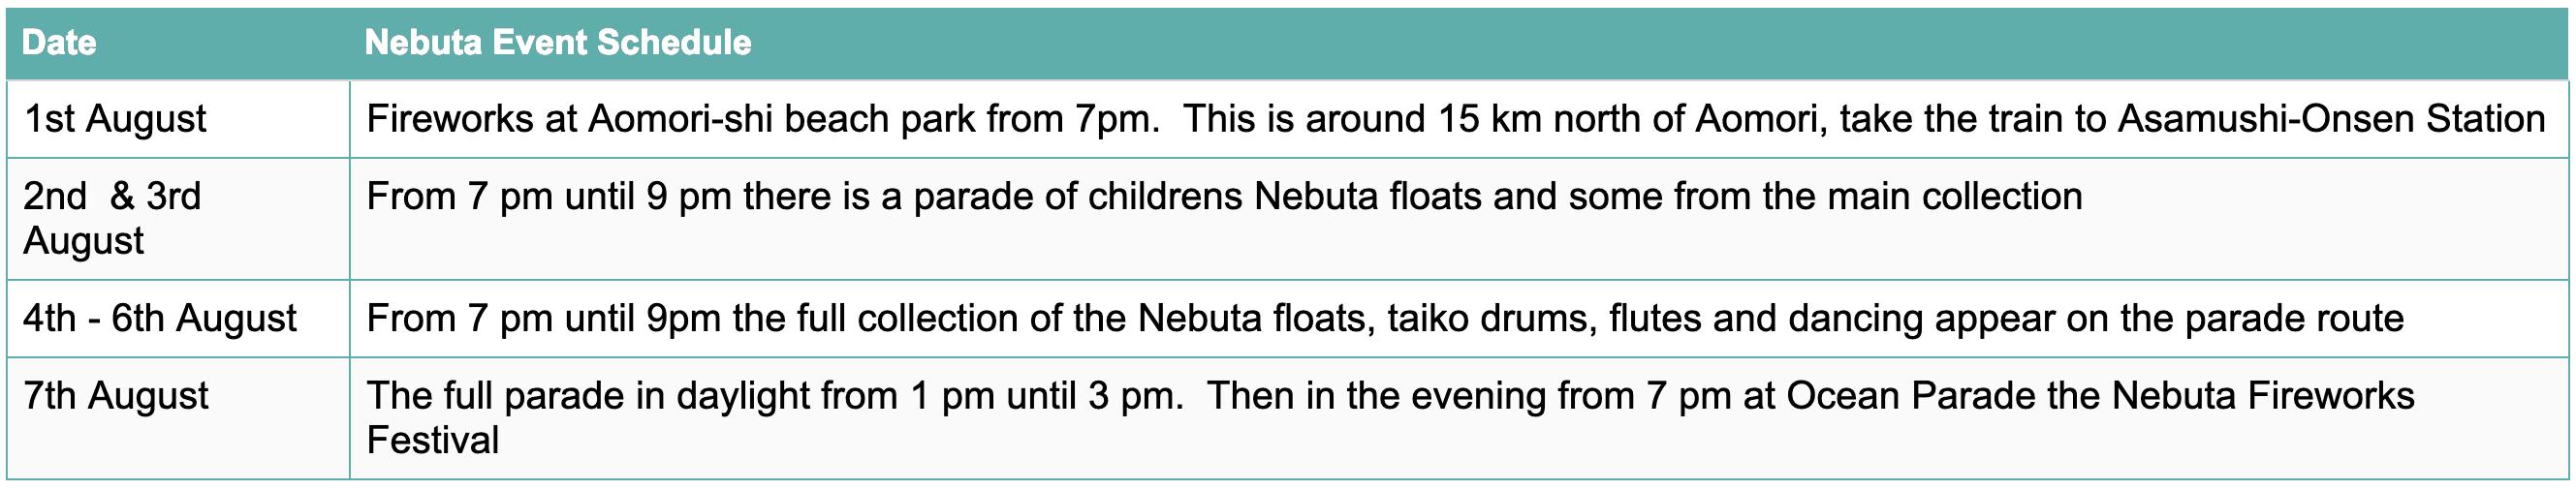 Aomori Nebuta Timetable